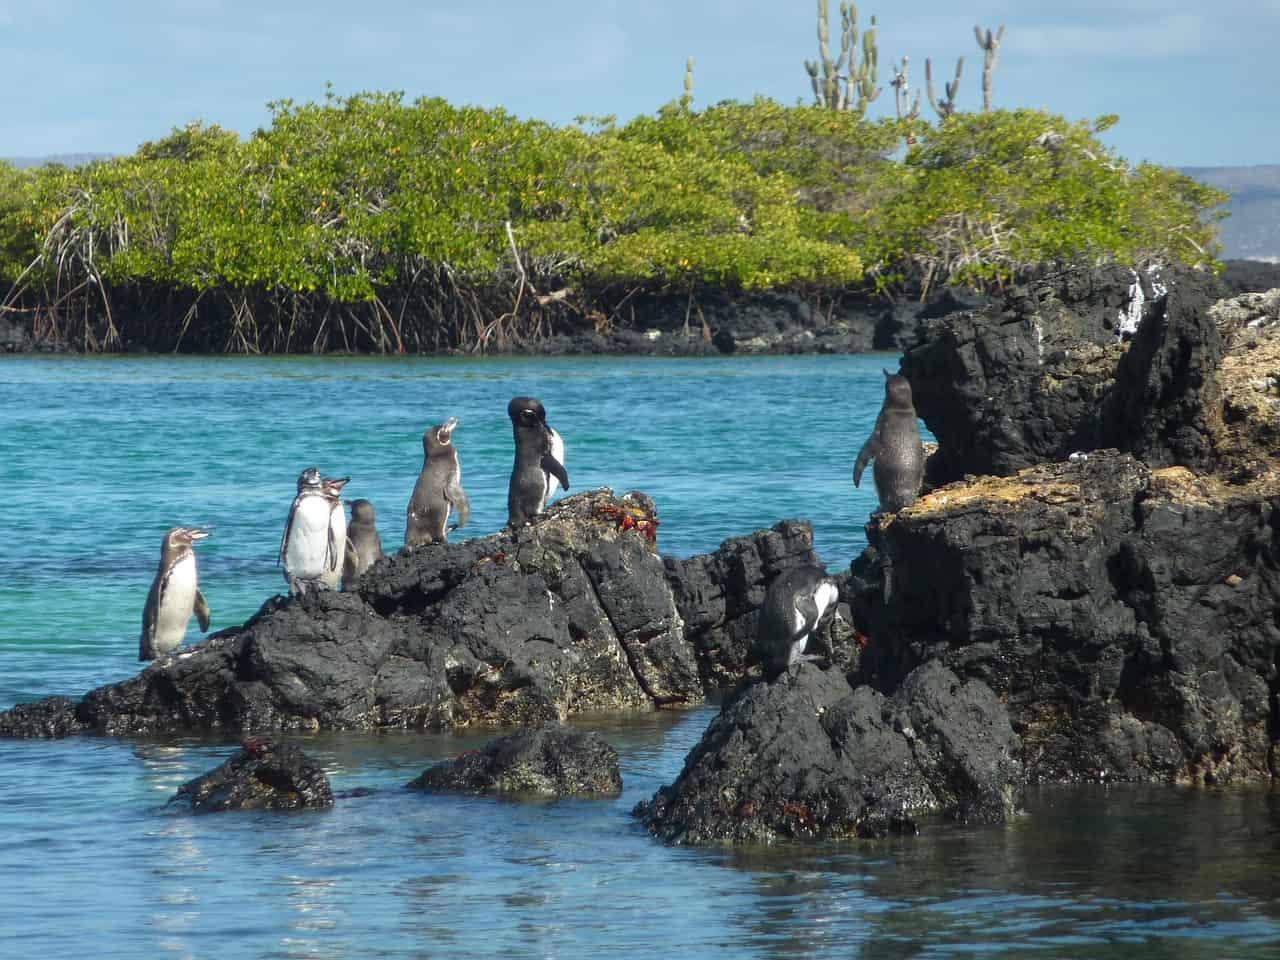 Während des Galapagos Inselhopping werdet Ihr schon auf dem Weg nach Islet Tntoreras zahlreiche Pinguine und Haie entdecken